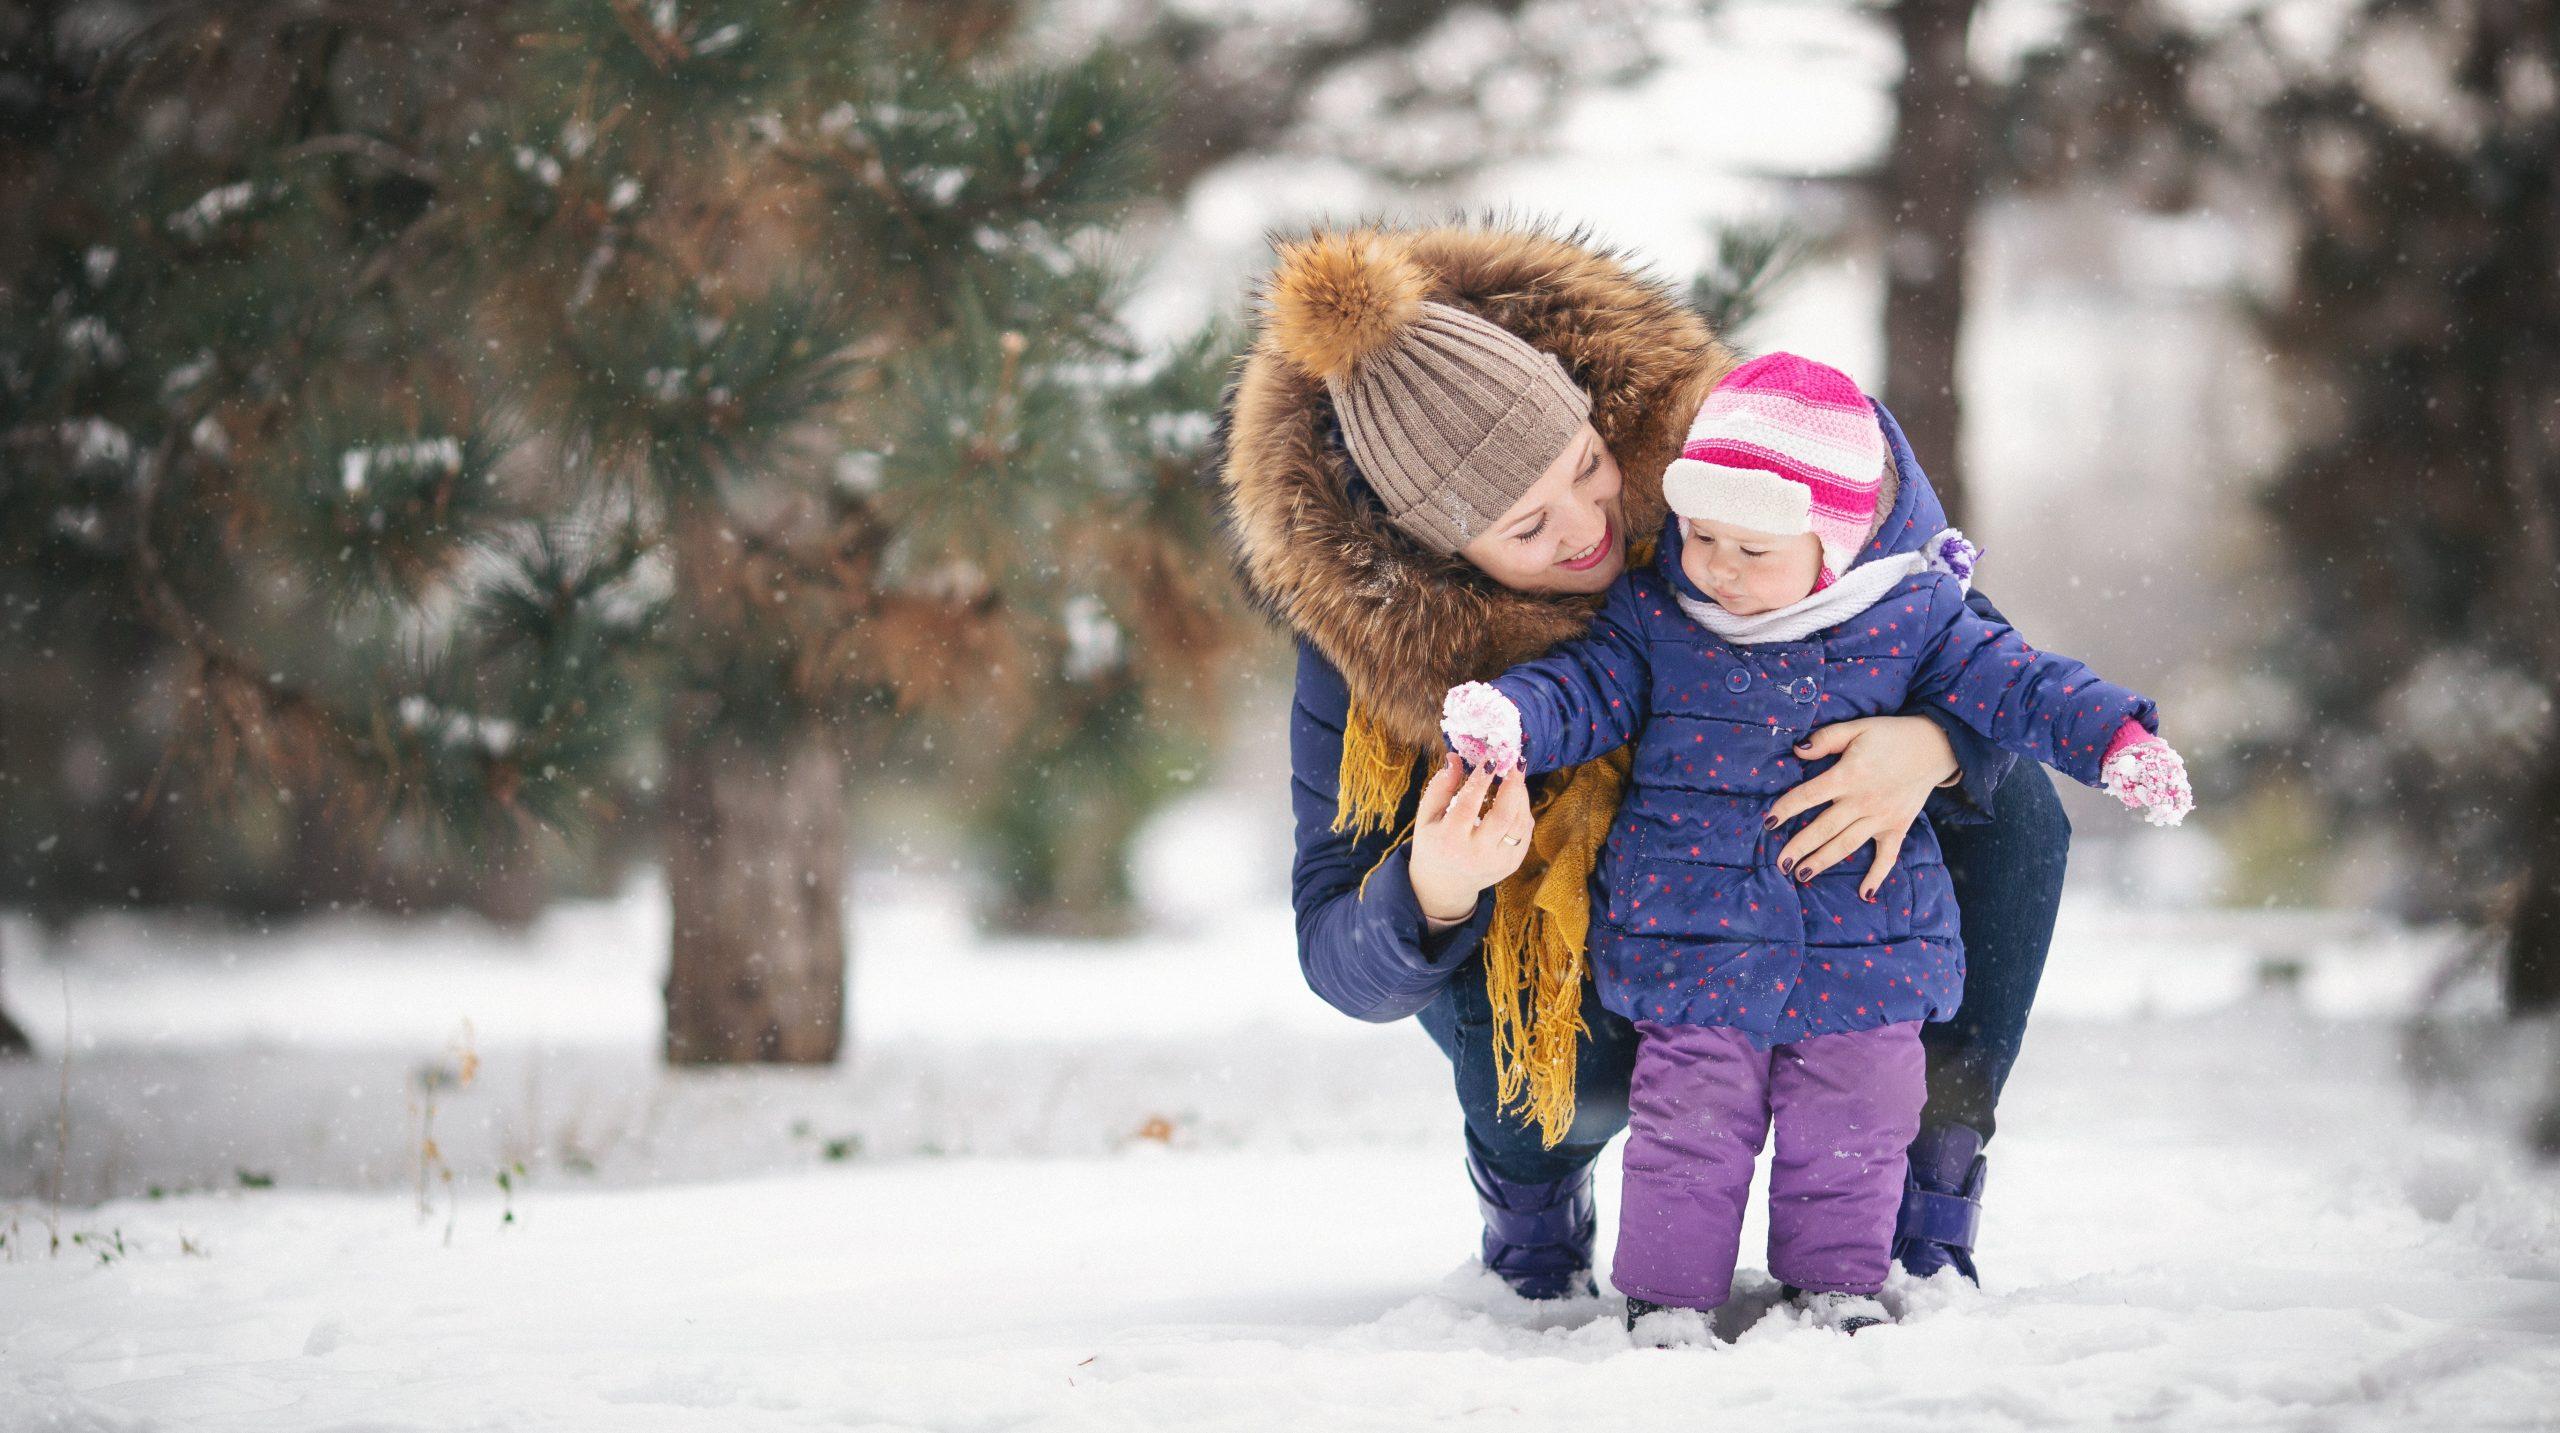 Jak ubierać dziecko, by go nie przegrzewać? Odpowiada pediatra